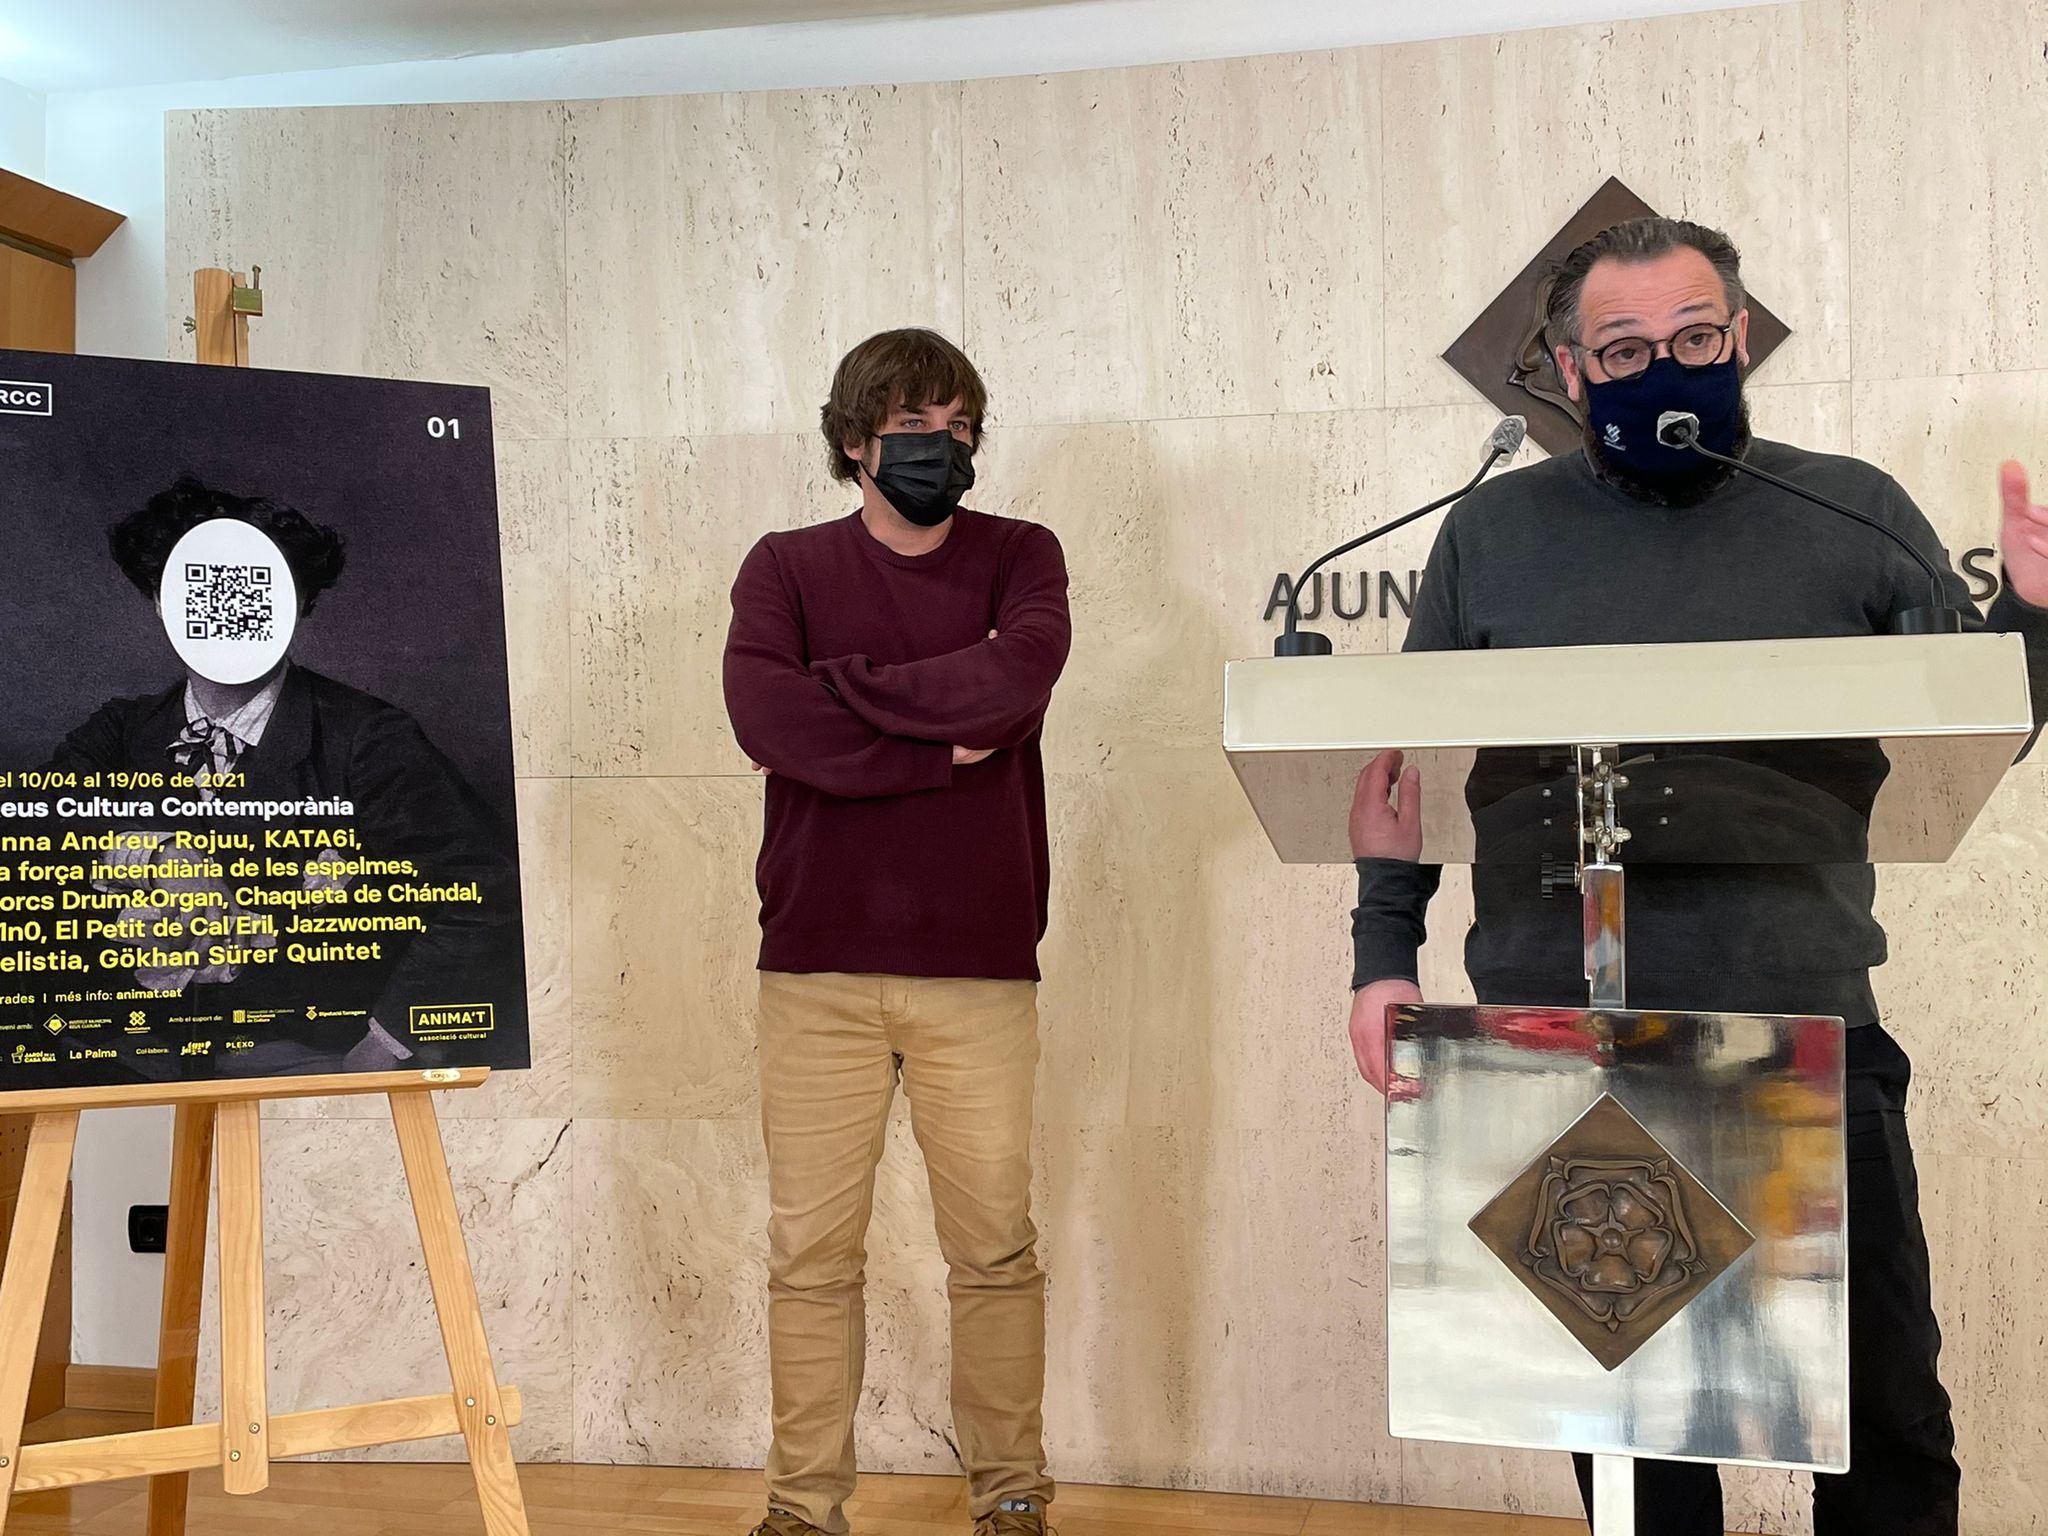 L'Institut Municipal Reus Cultura de la regidoria de Cultura i Política Lingüística de l'Ajuntament de Reus, de la mà d'Anima't Associa...